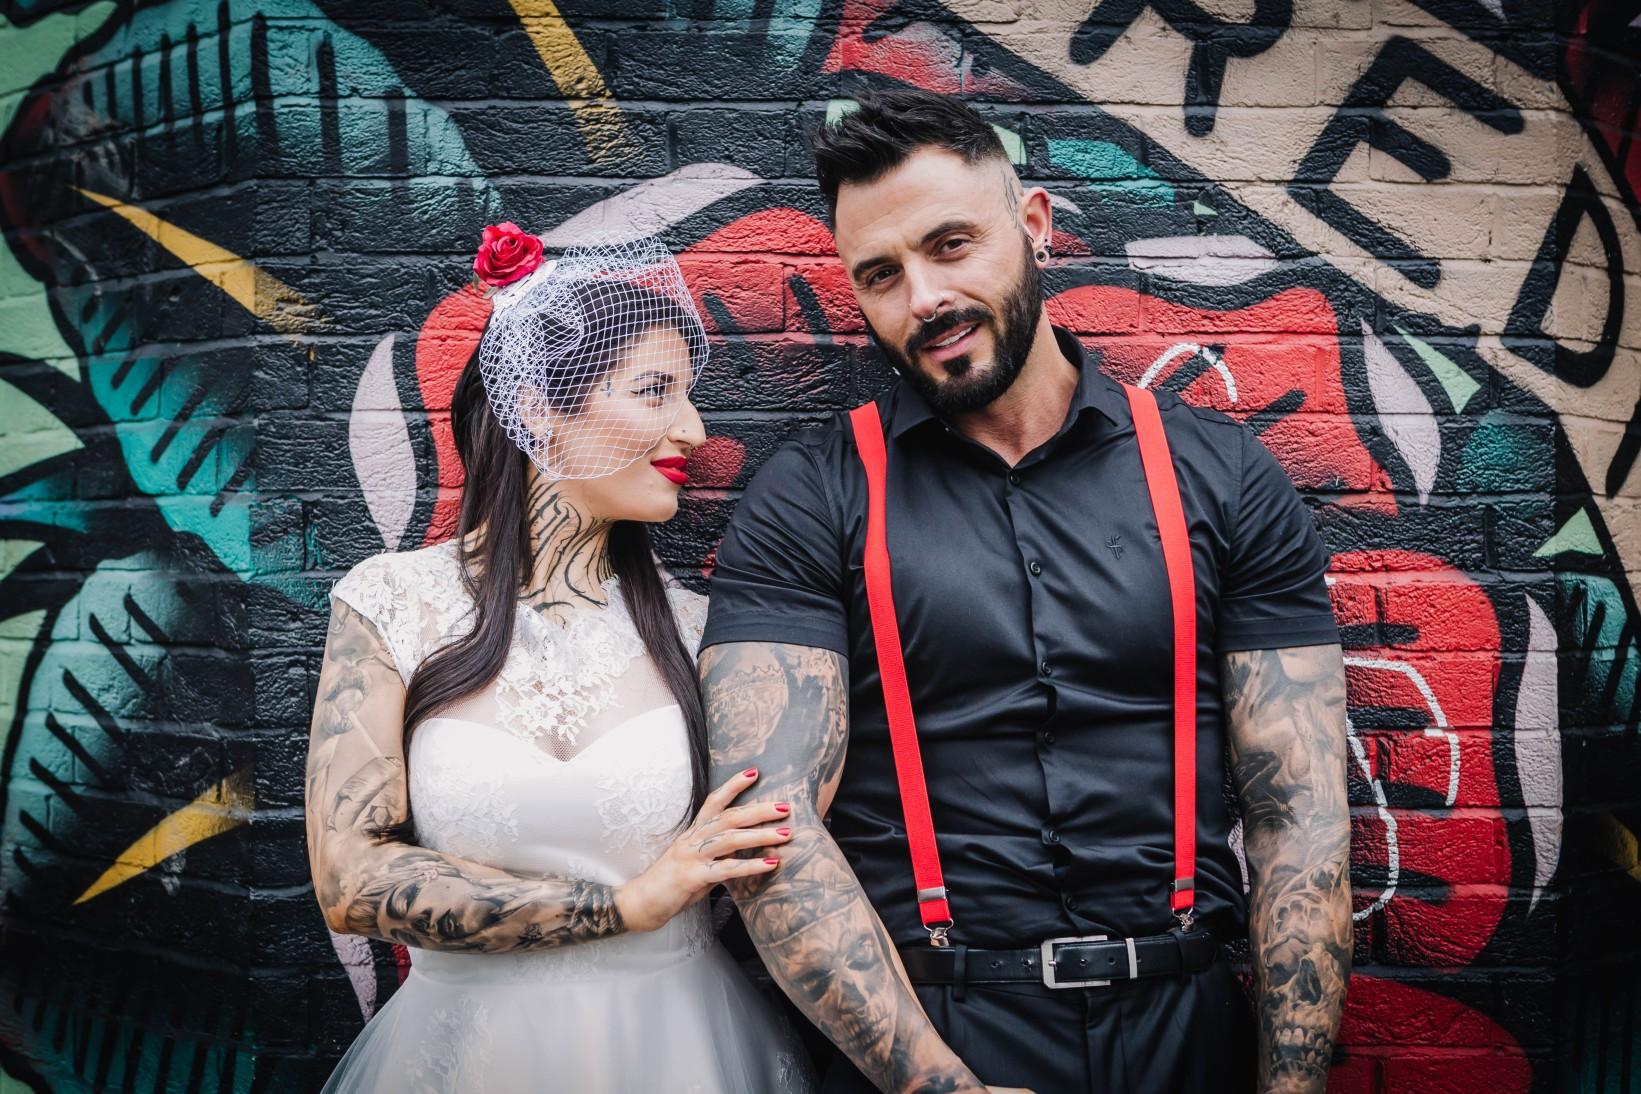 urban rockabilly wedding - east london wedding- urban wedding- rockabilly wedding- edgy wedding - retro wedding - alternative wedding- unconventional wedding- tattooed wedding- birdcage veil